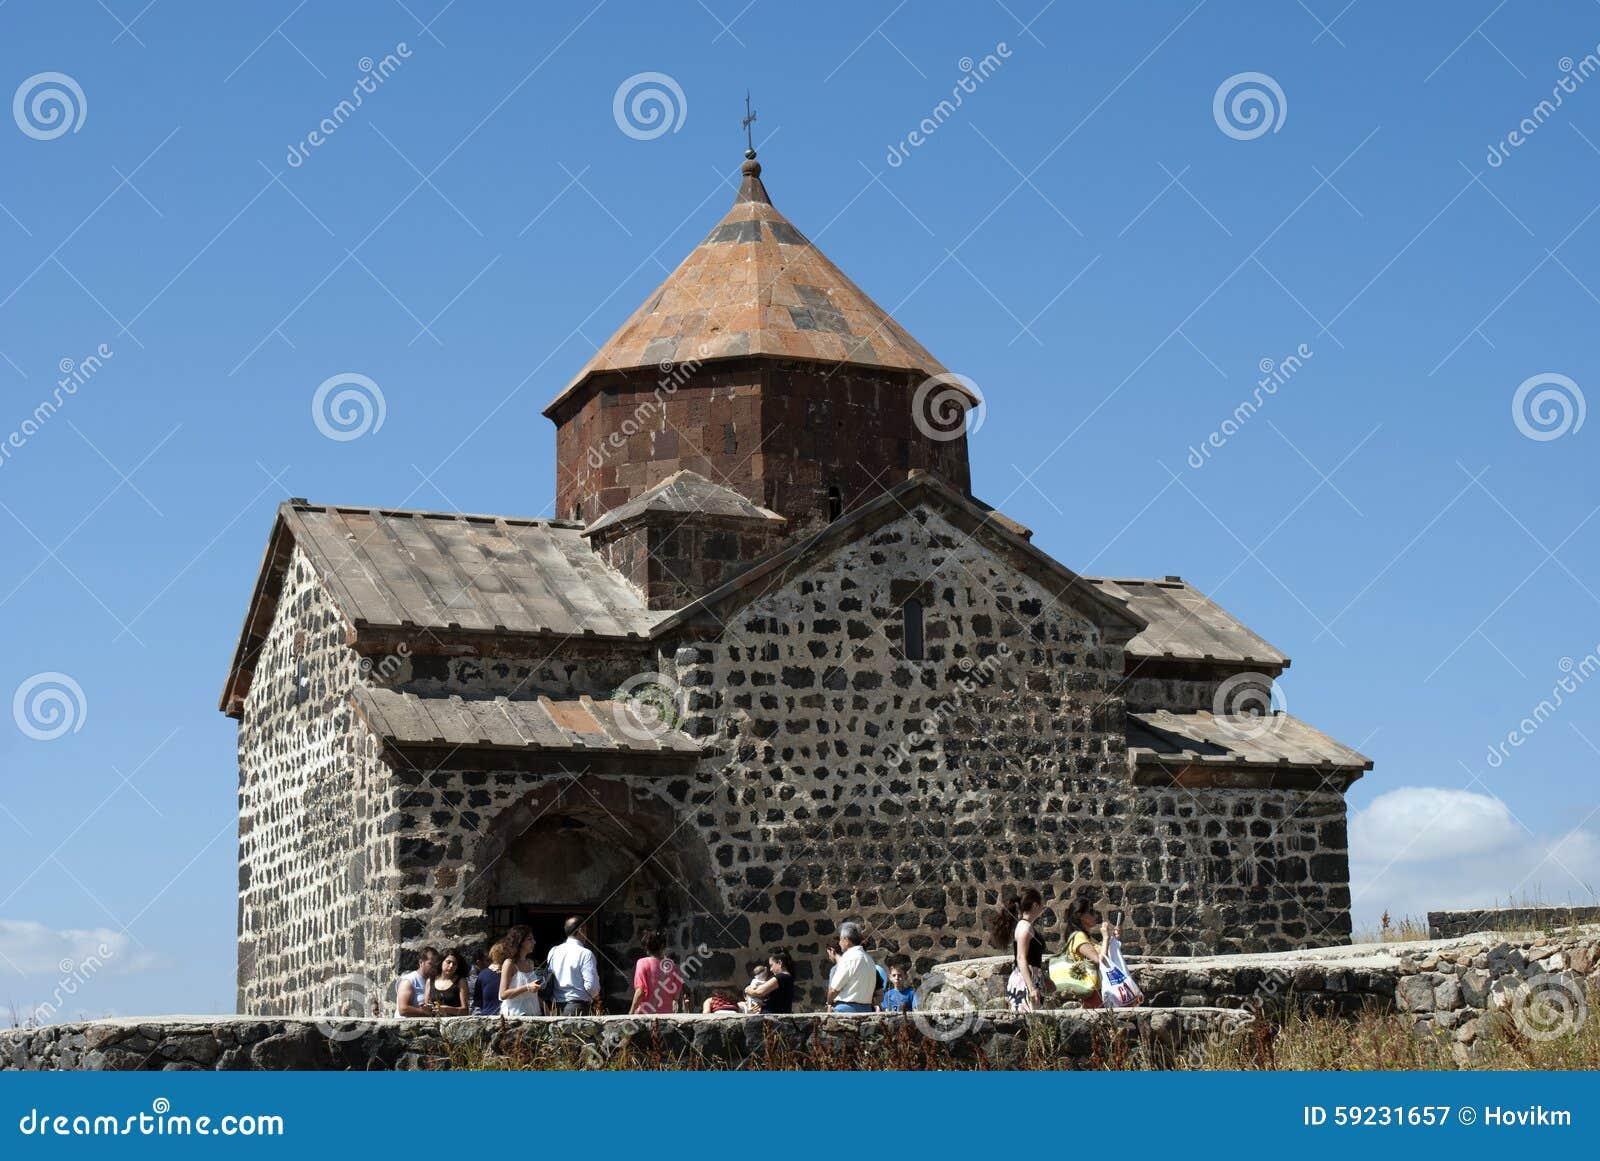 Download El Monasterio O El Sevanavank (iglesia) De La Isla En La Isla De Sevan, Armenia Fotografía editorial - Imagen de permanezca, armenia: 59231657